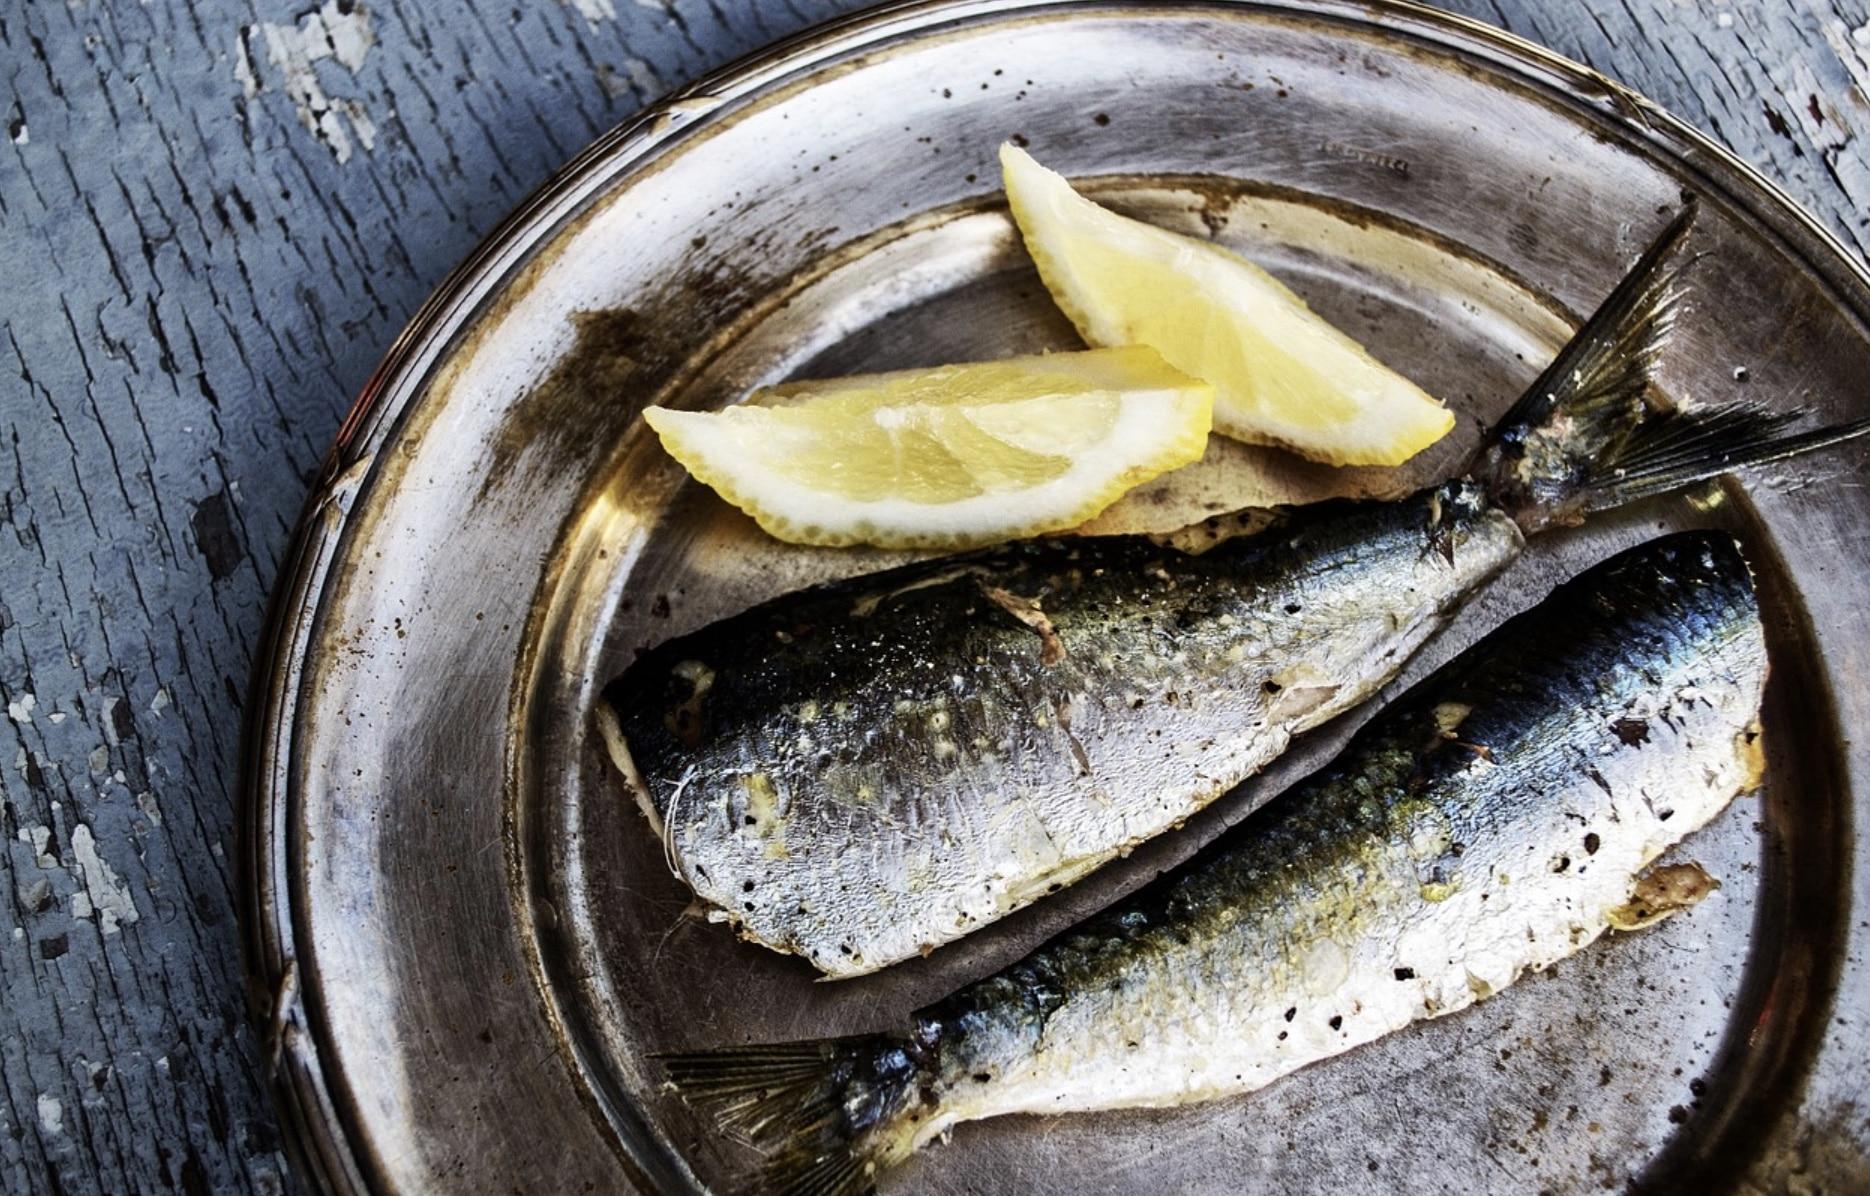 La sardine, vous sous-estimez sans doute son potentiel par rapport à votre santé ! - Breakingnews.fr